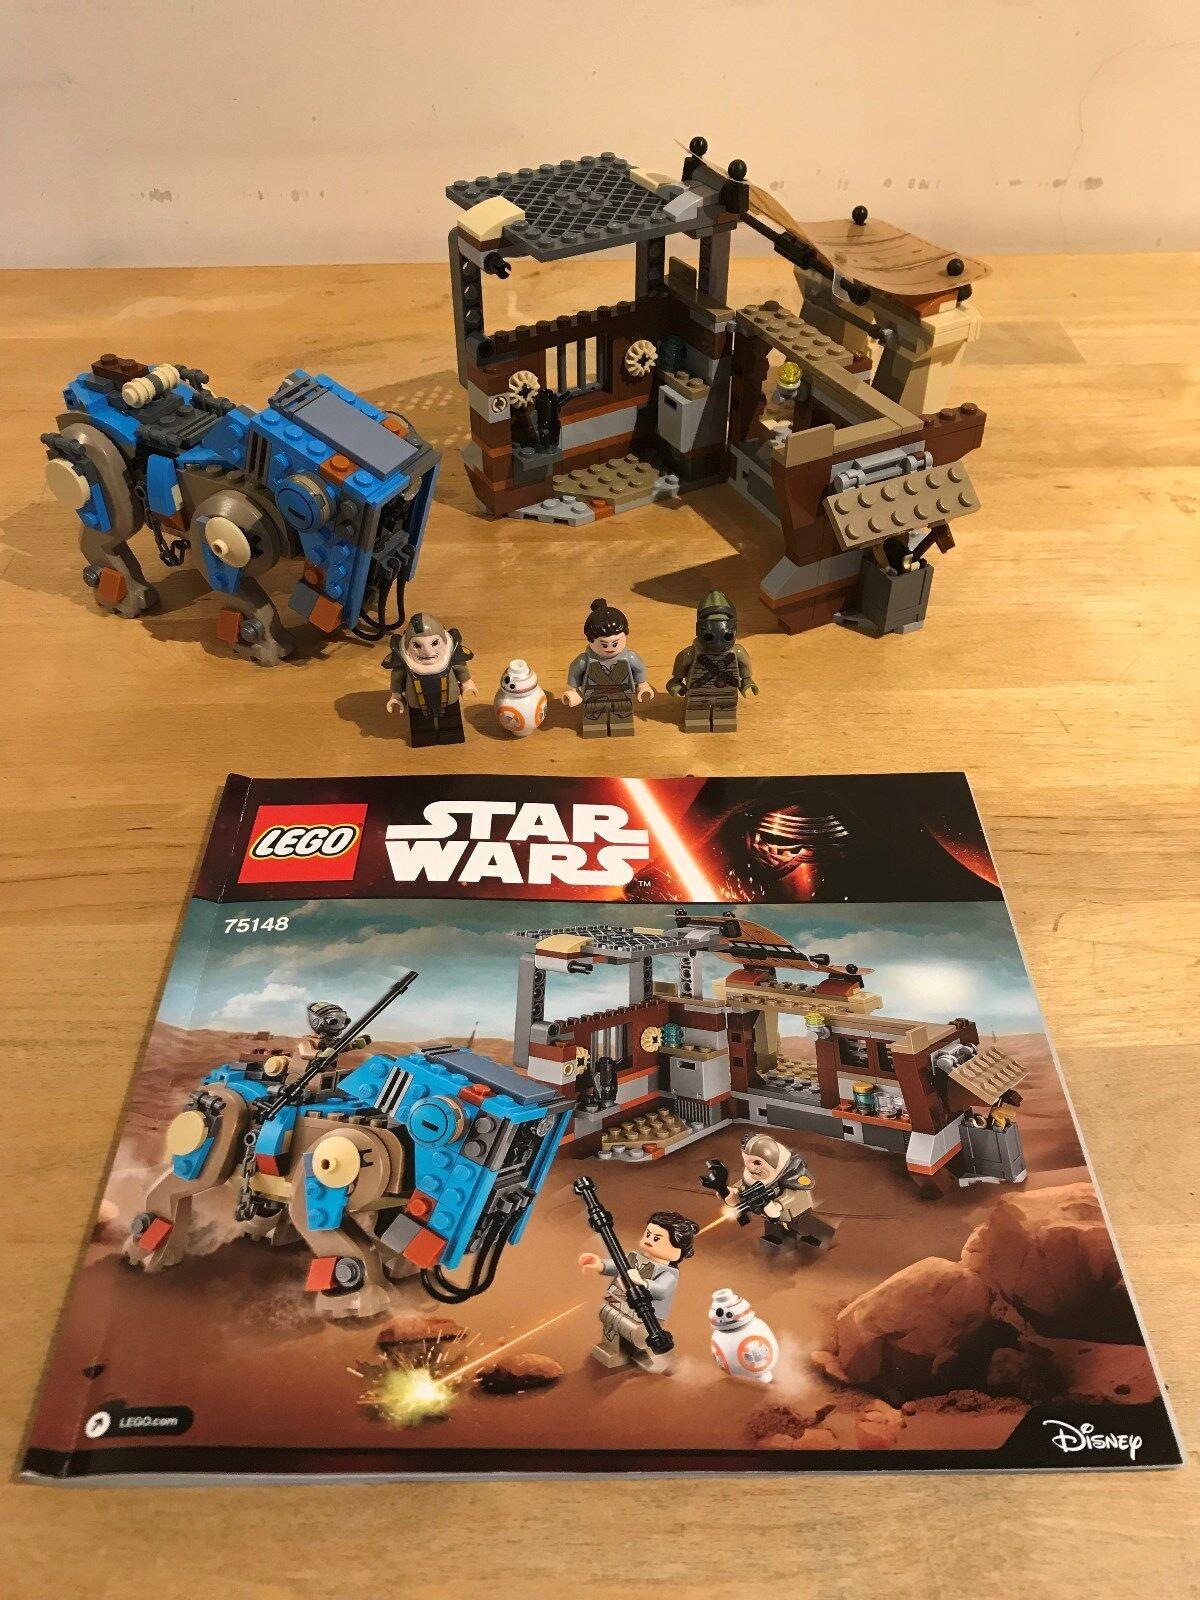 Lego Star Wars 75148 - Encounter on Jakku (Boxed)